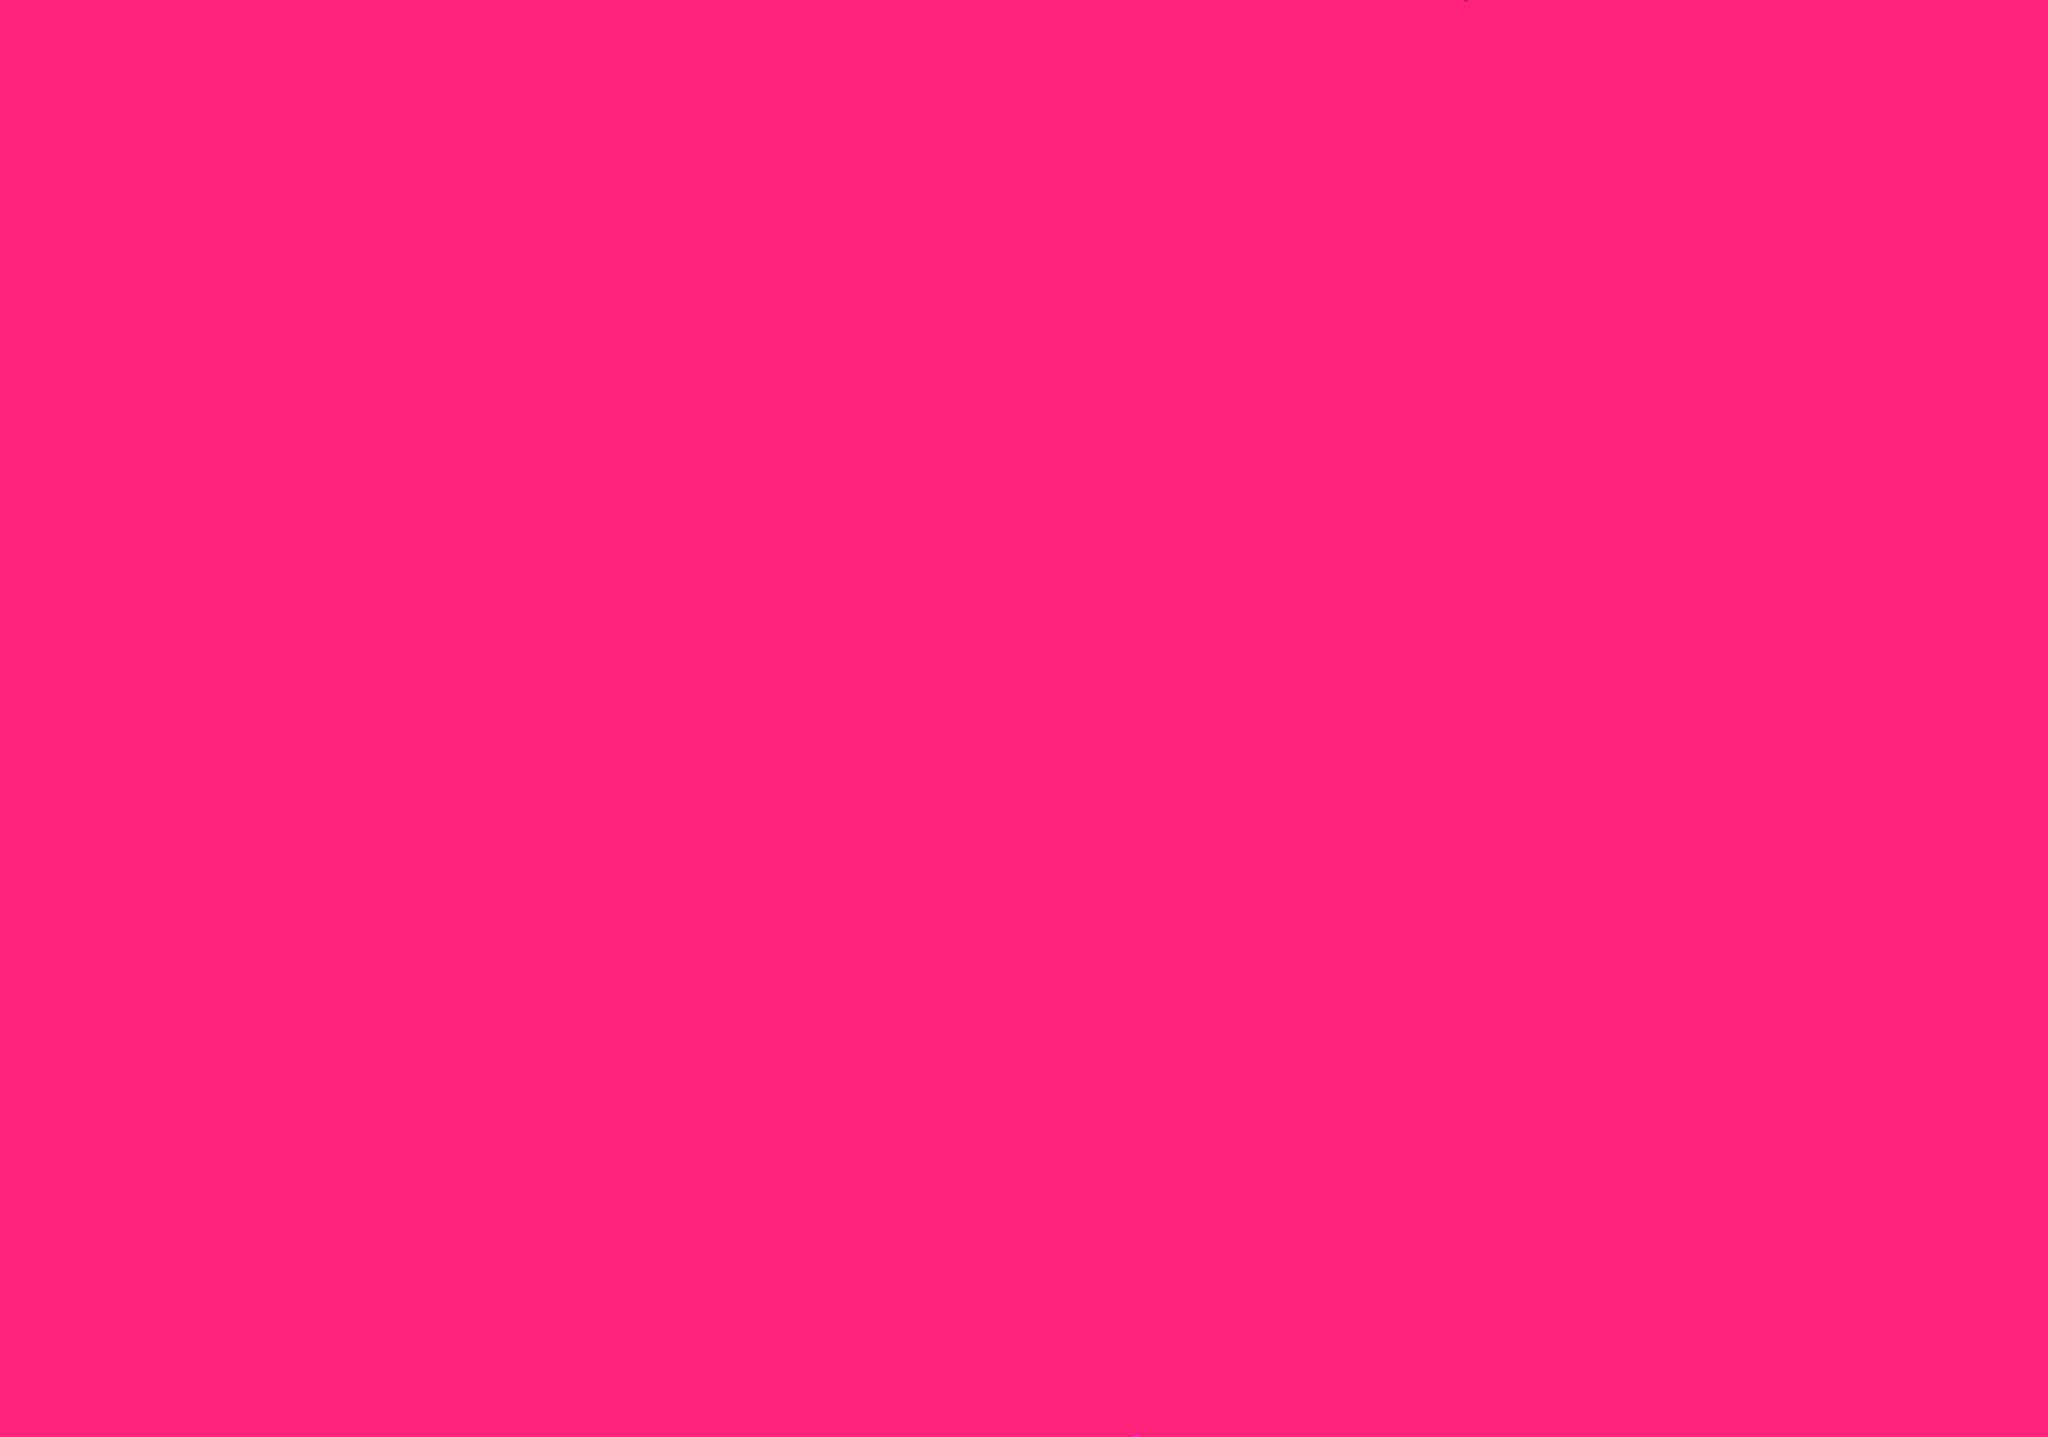 Fondos De Pantalla Rosa: Fondos De Pantalla